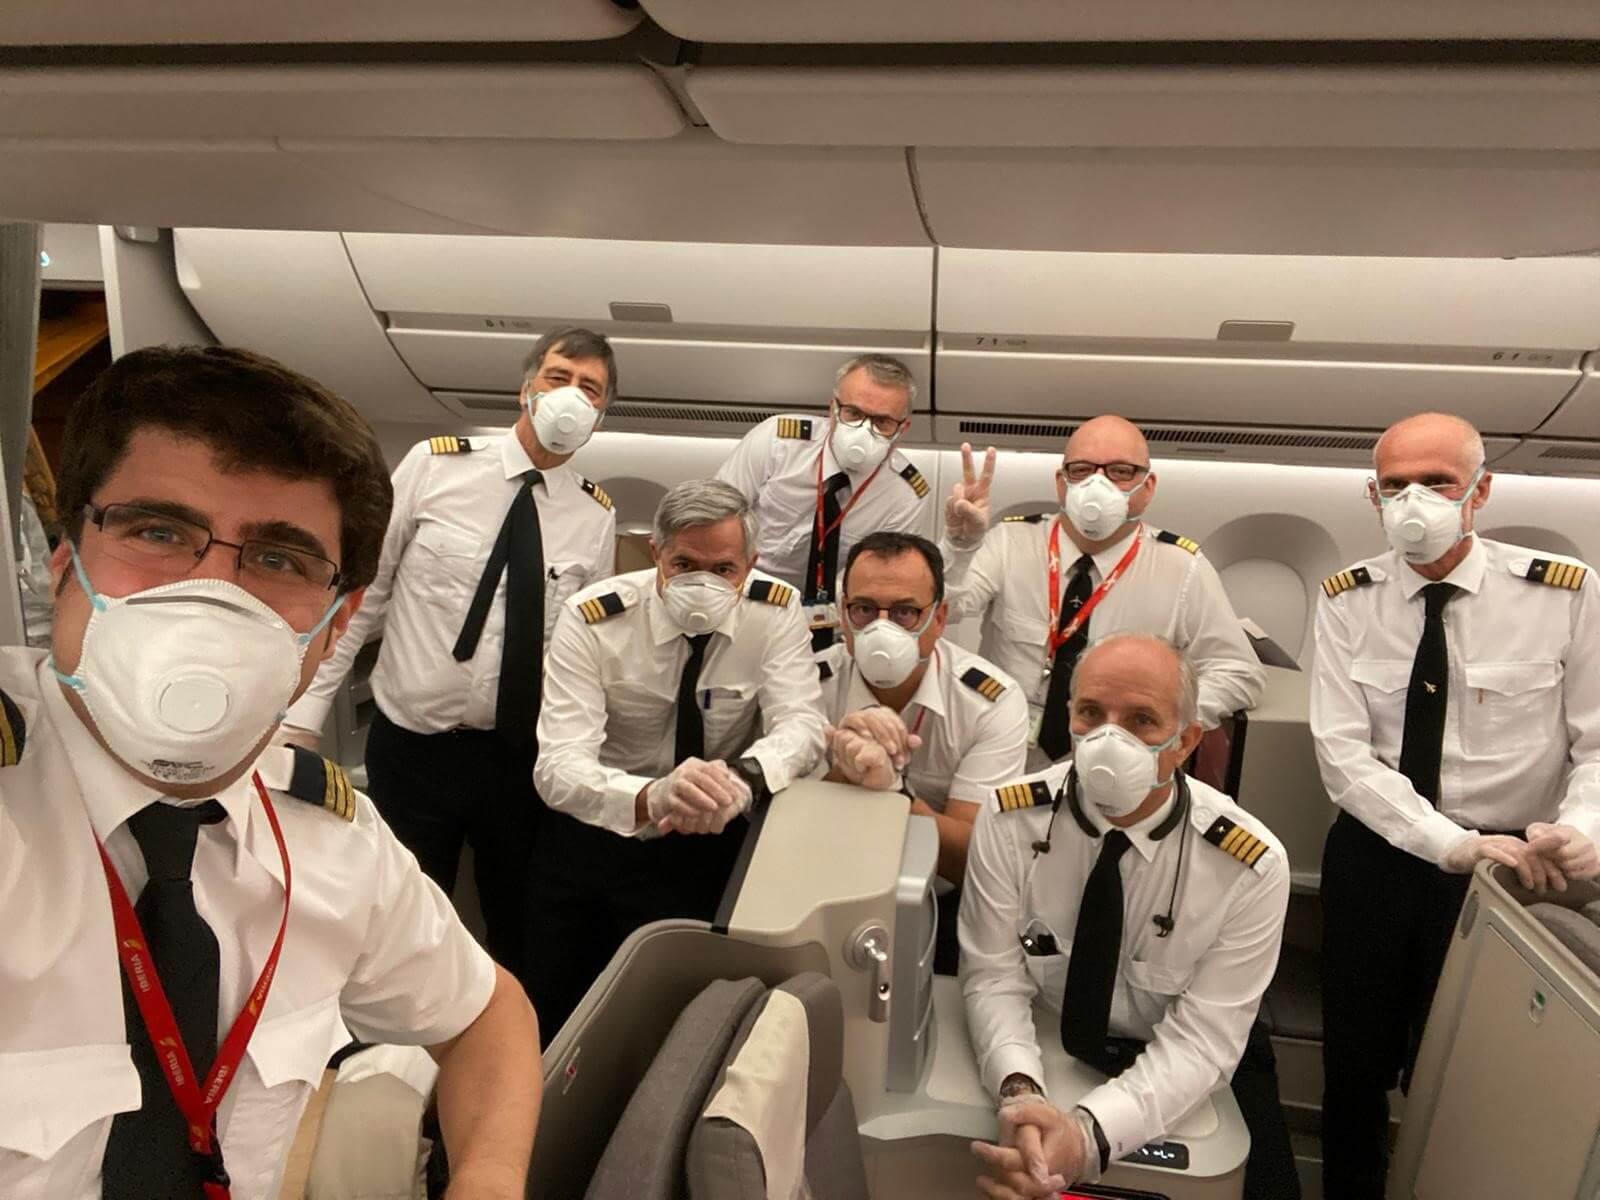 Iberia realiza test serológicos a todos sus empleados para detectar y  prevenir Covid-19 – Actualidad Aeroespacial